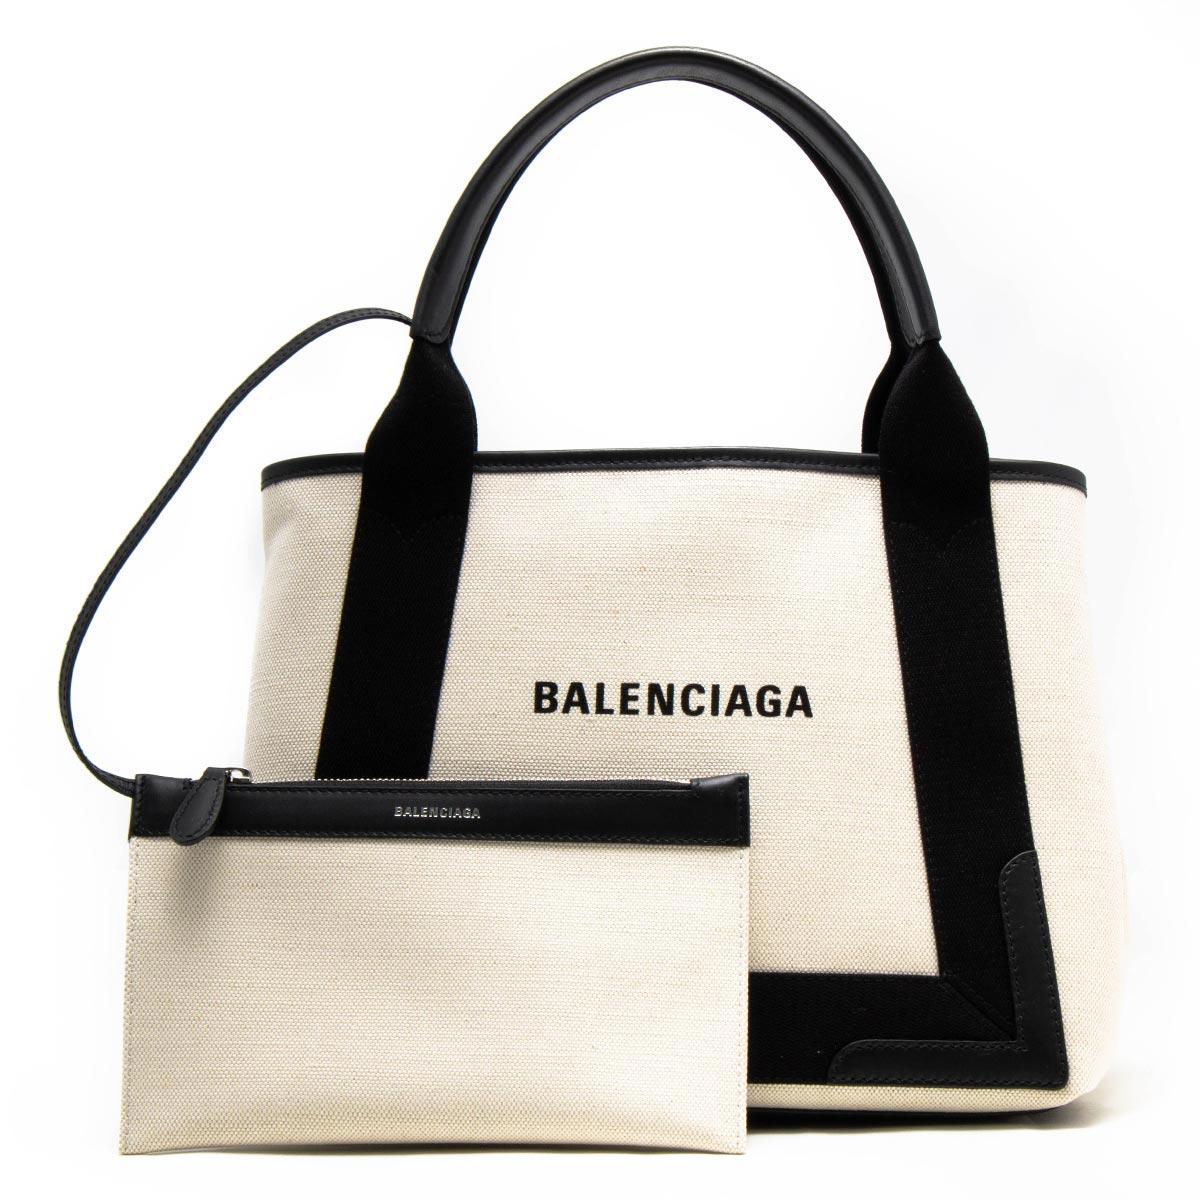 バレンシアガ トートバッグ バッグ レディース ネイビーカバス S ナチュラル&ブラック 339933 AQ38N 1081 BALENCIAGA バーゲン ギフト プレゼント